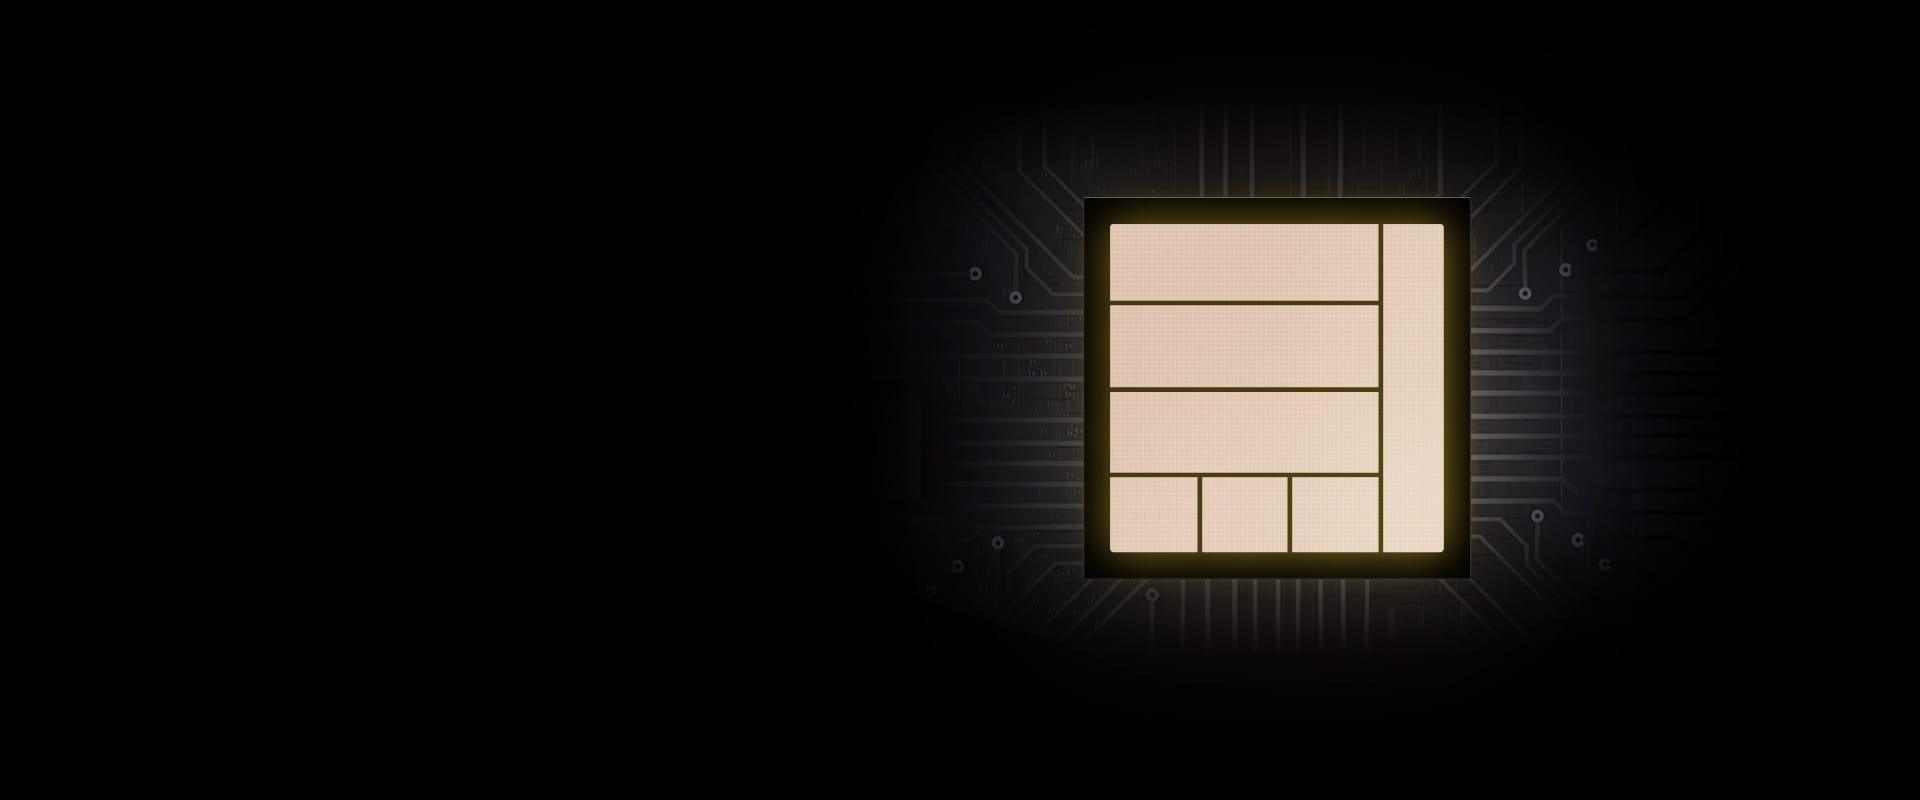 واحد پردازش عصبی NPU گوشی سامسونگ Galaxy S20 FE